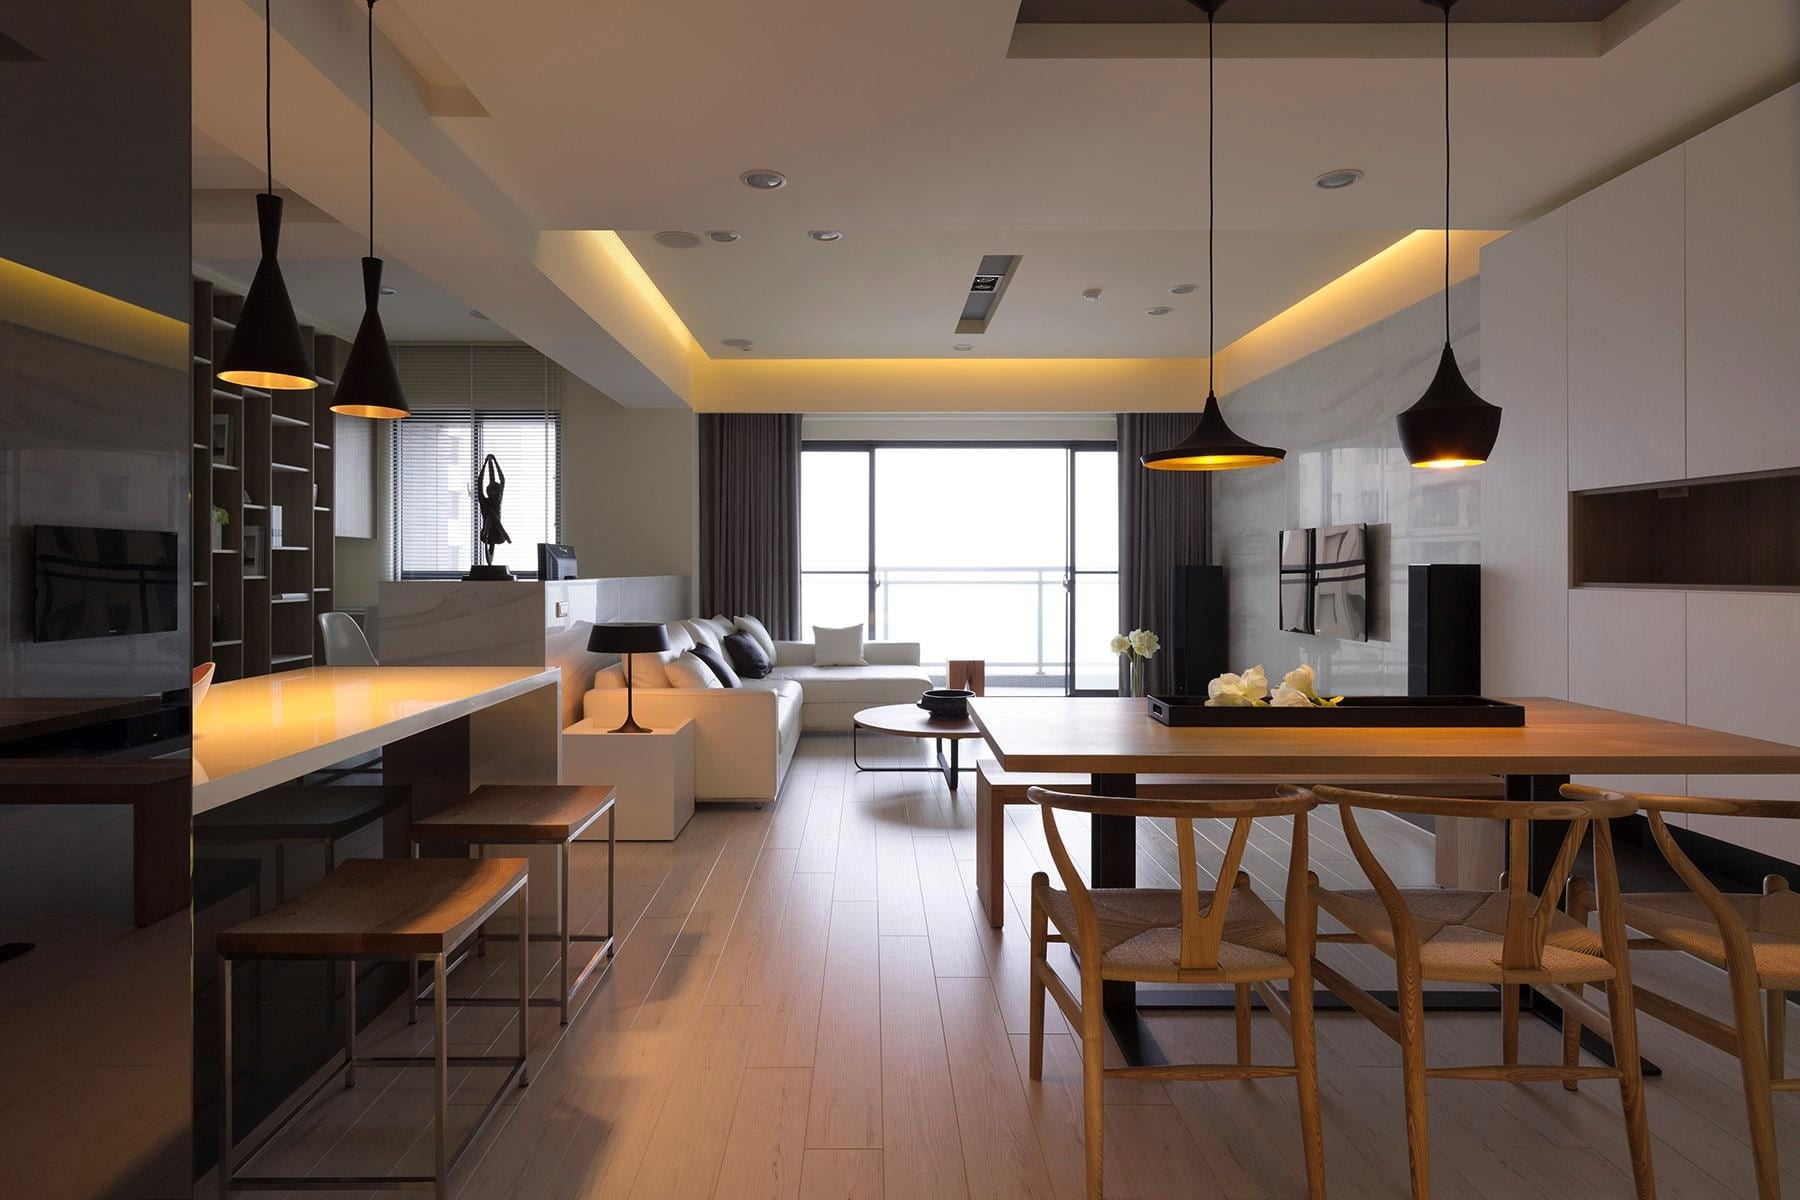 Moderne luxus esszimmer  Luxus Wohnzimmer - 33 Wohn-Esszimmer Ideen - fresHouse